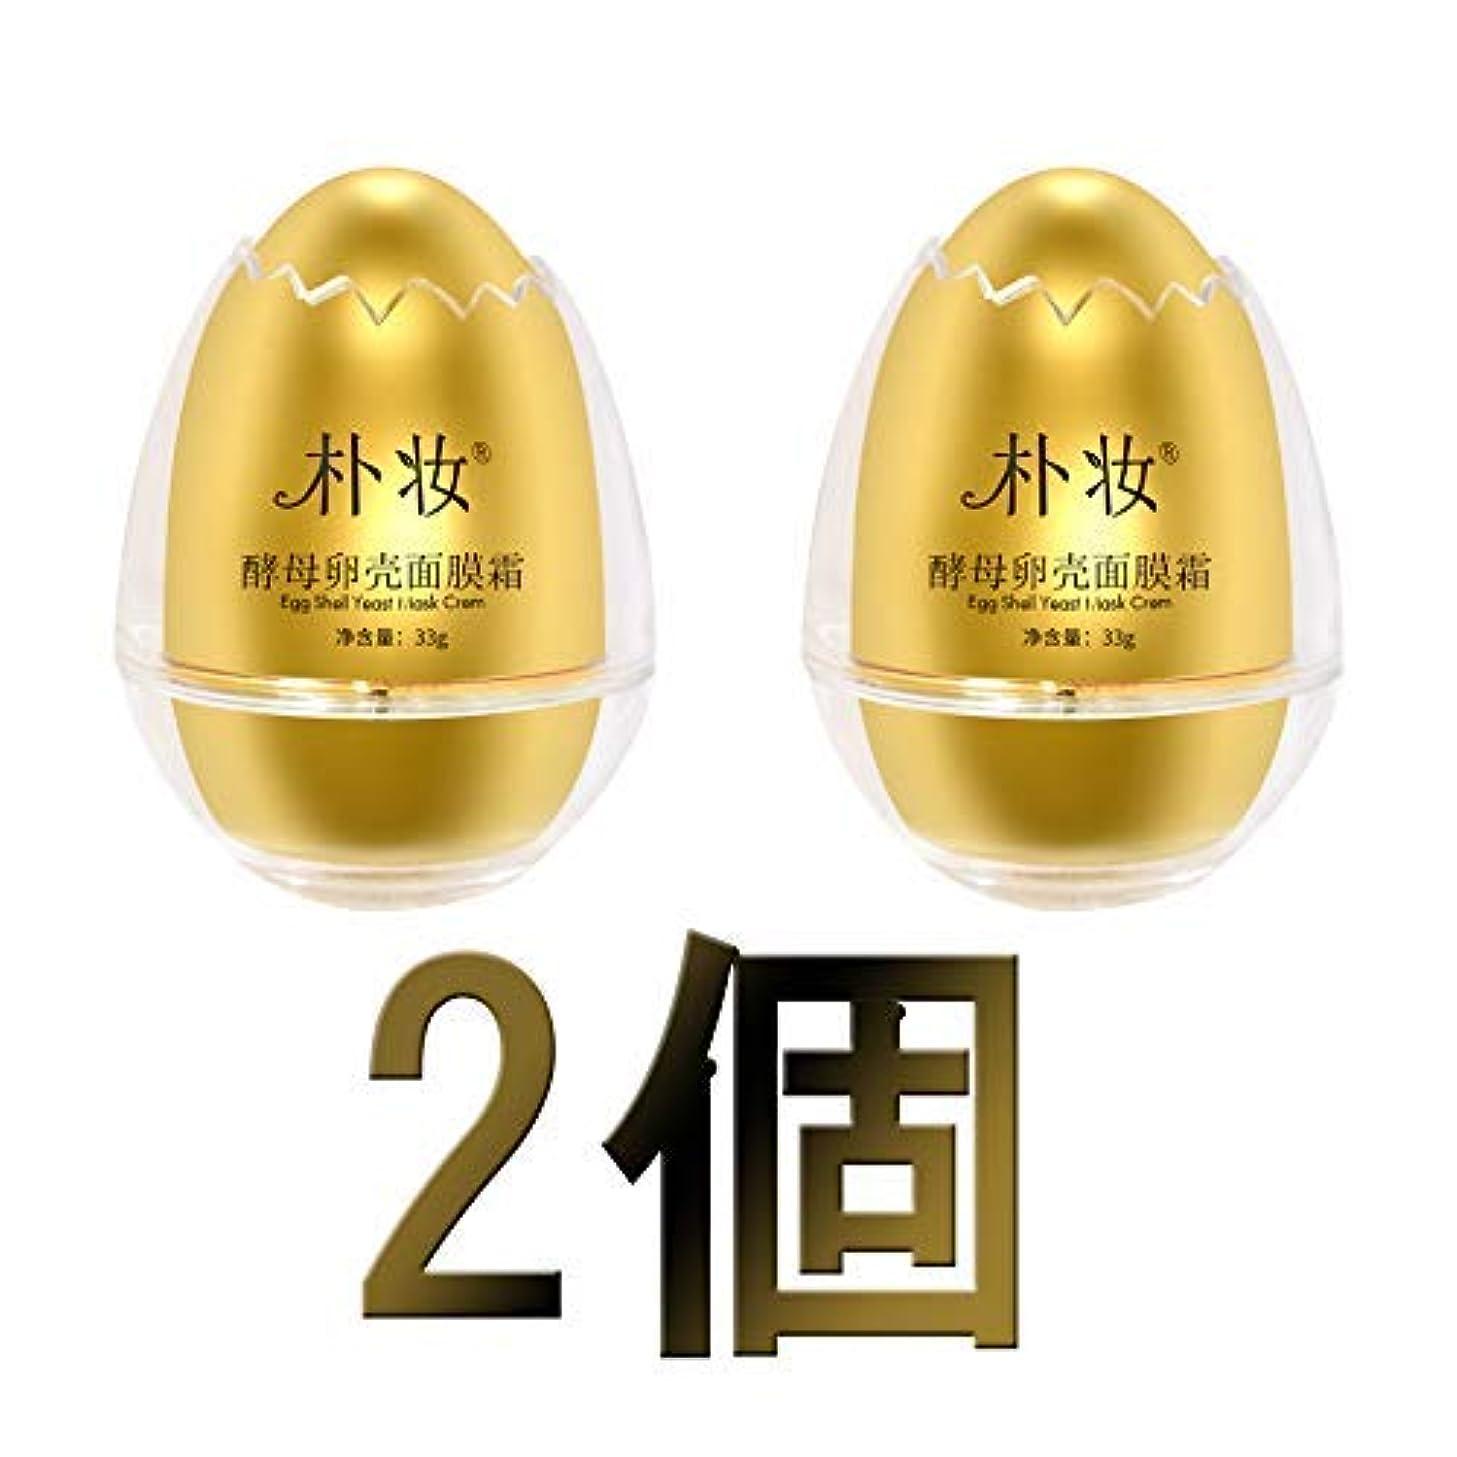 ティーンエイジャー武装解除倒産朴妆たんたんパックx2個 酵母卵殻マスククリーム33g しっとりと た肌,シュリンクポア,しわ耐性,肌を引っ張る、